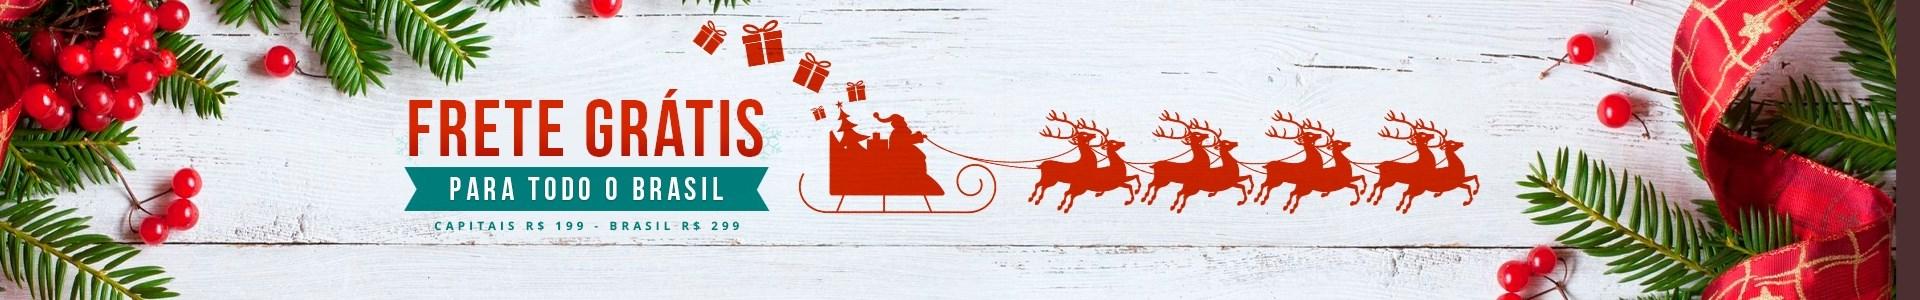 Promoção de Natal NewLentes